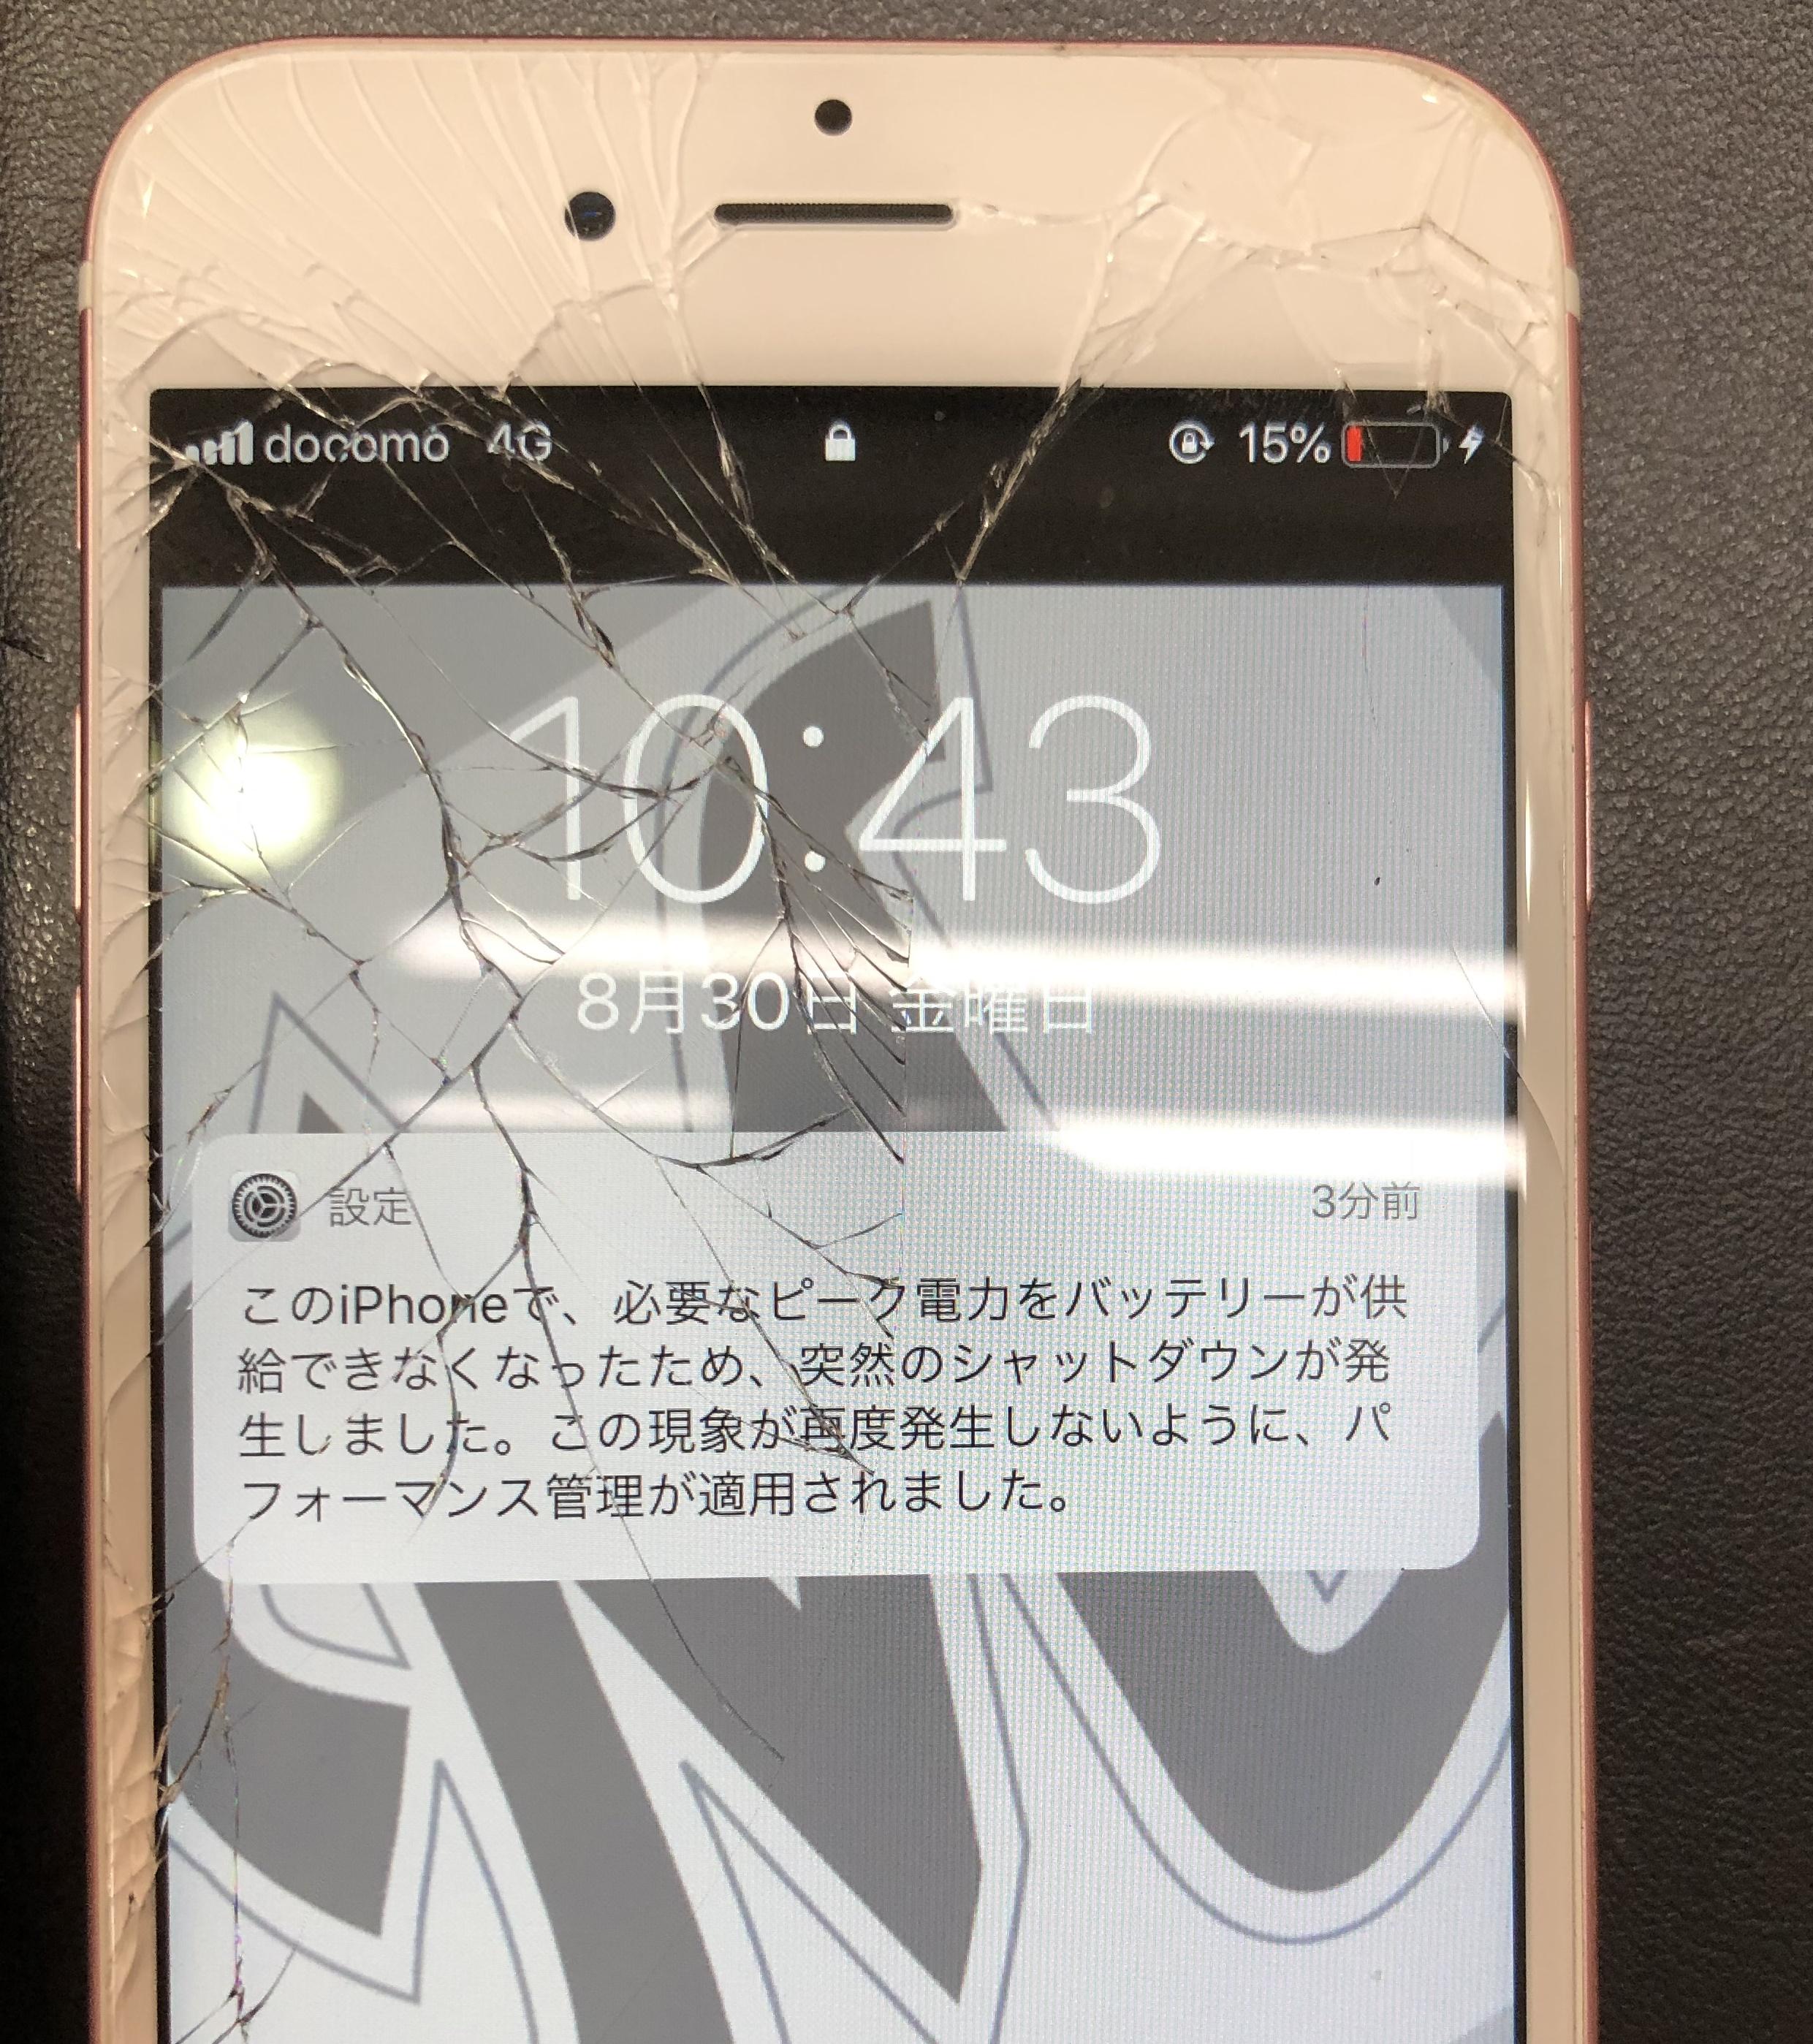 Iphone11 シャットダウン